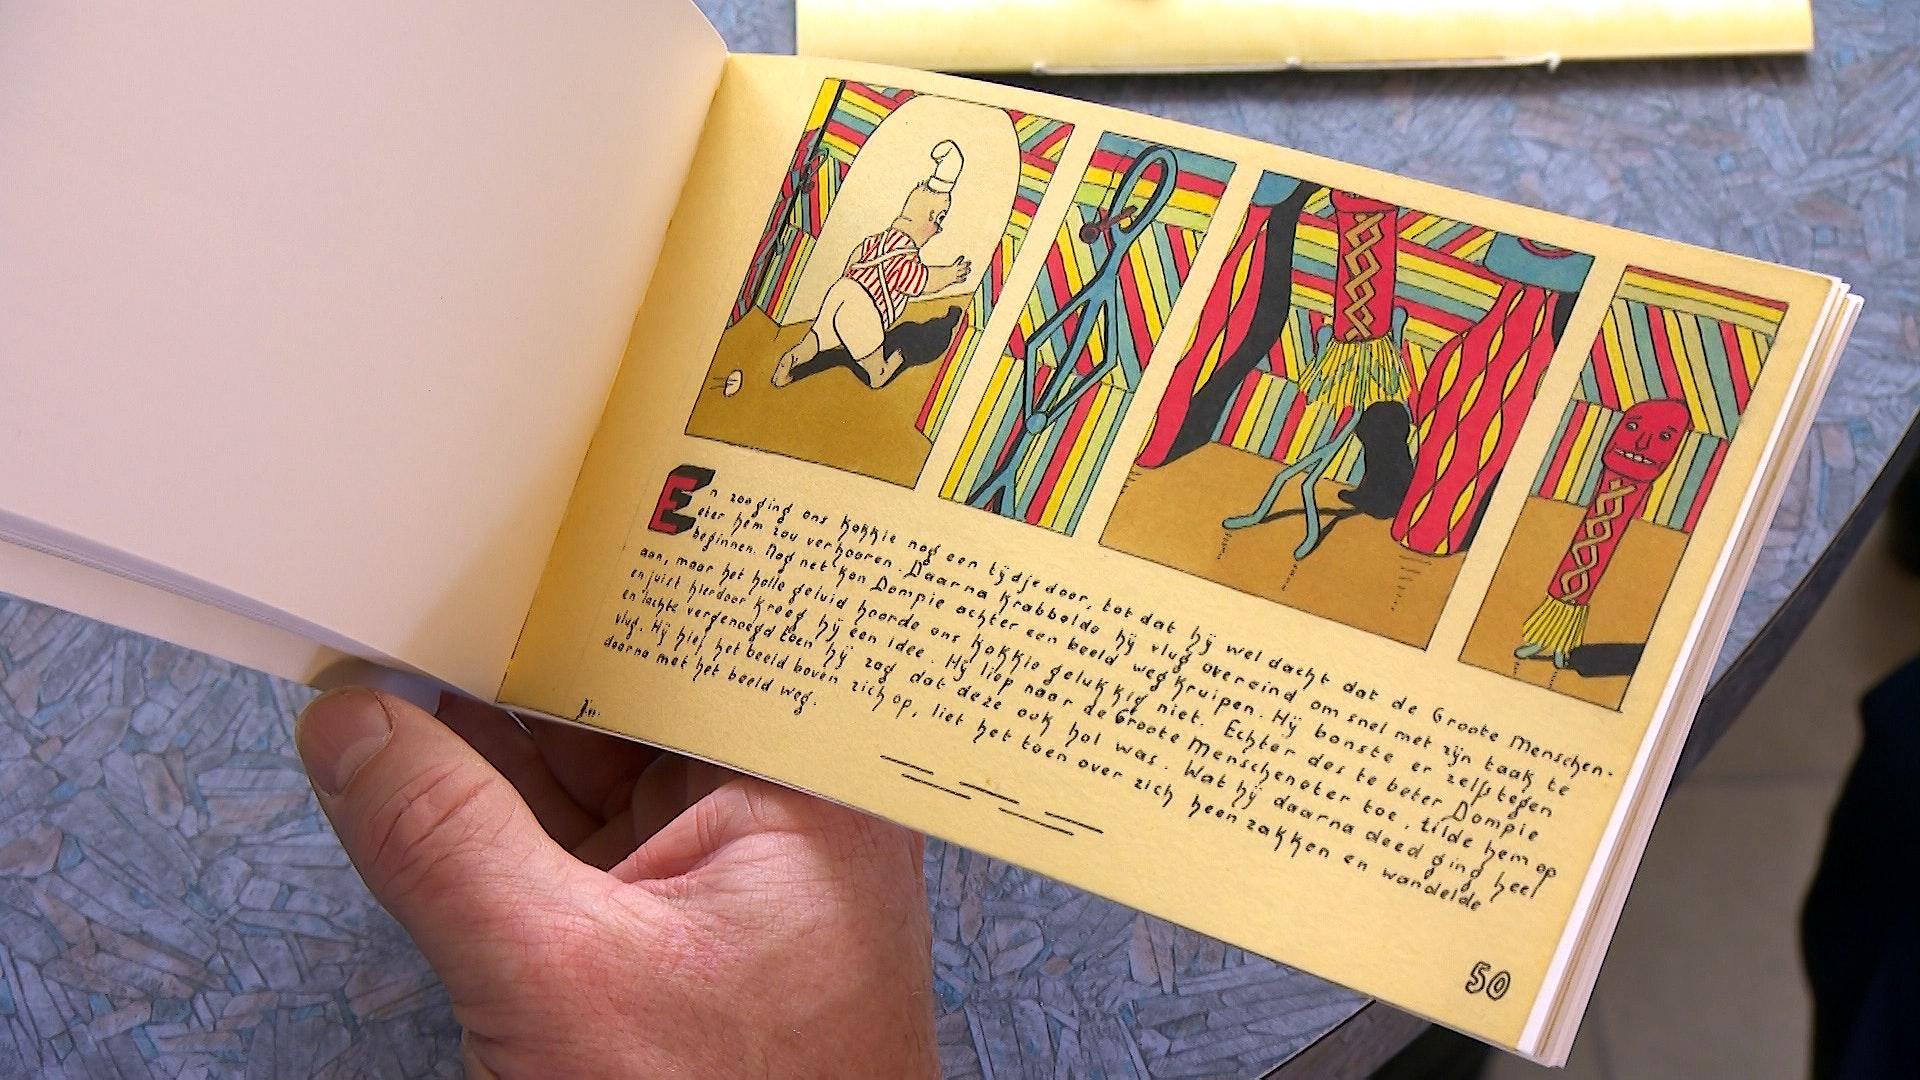 Dompie Stompie IJzerdraad: Een beeldverhaal getekend tijdens de onderduik